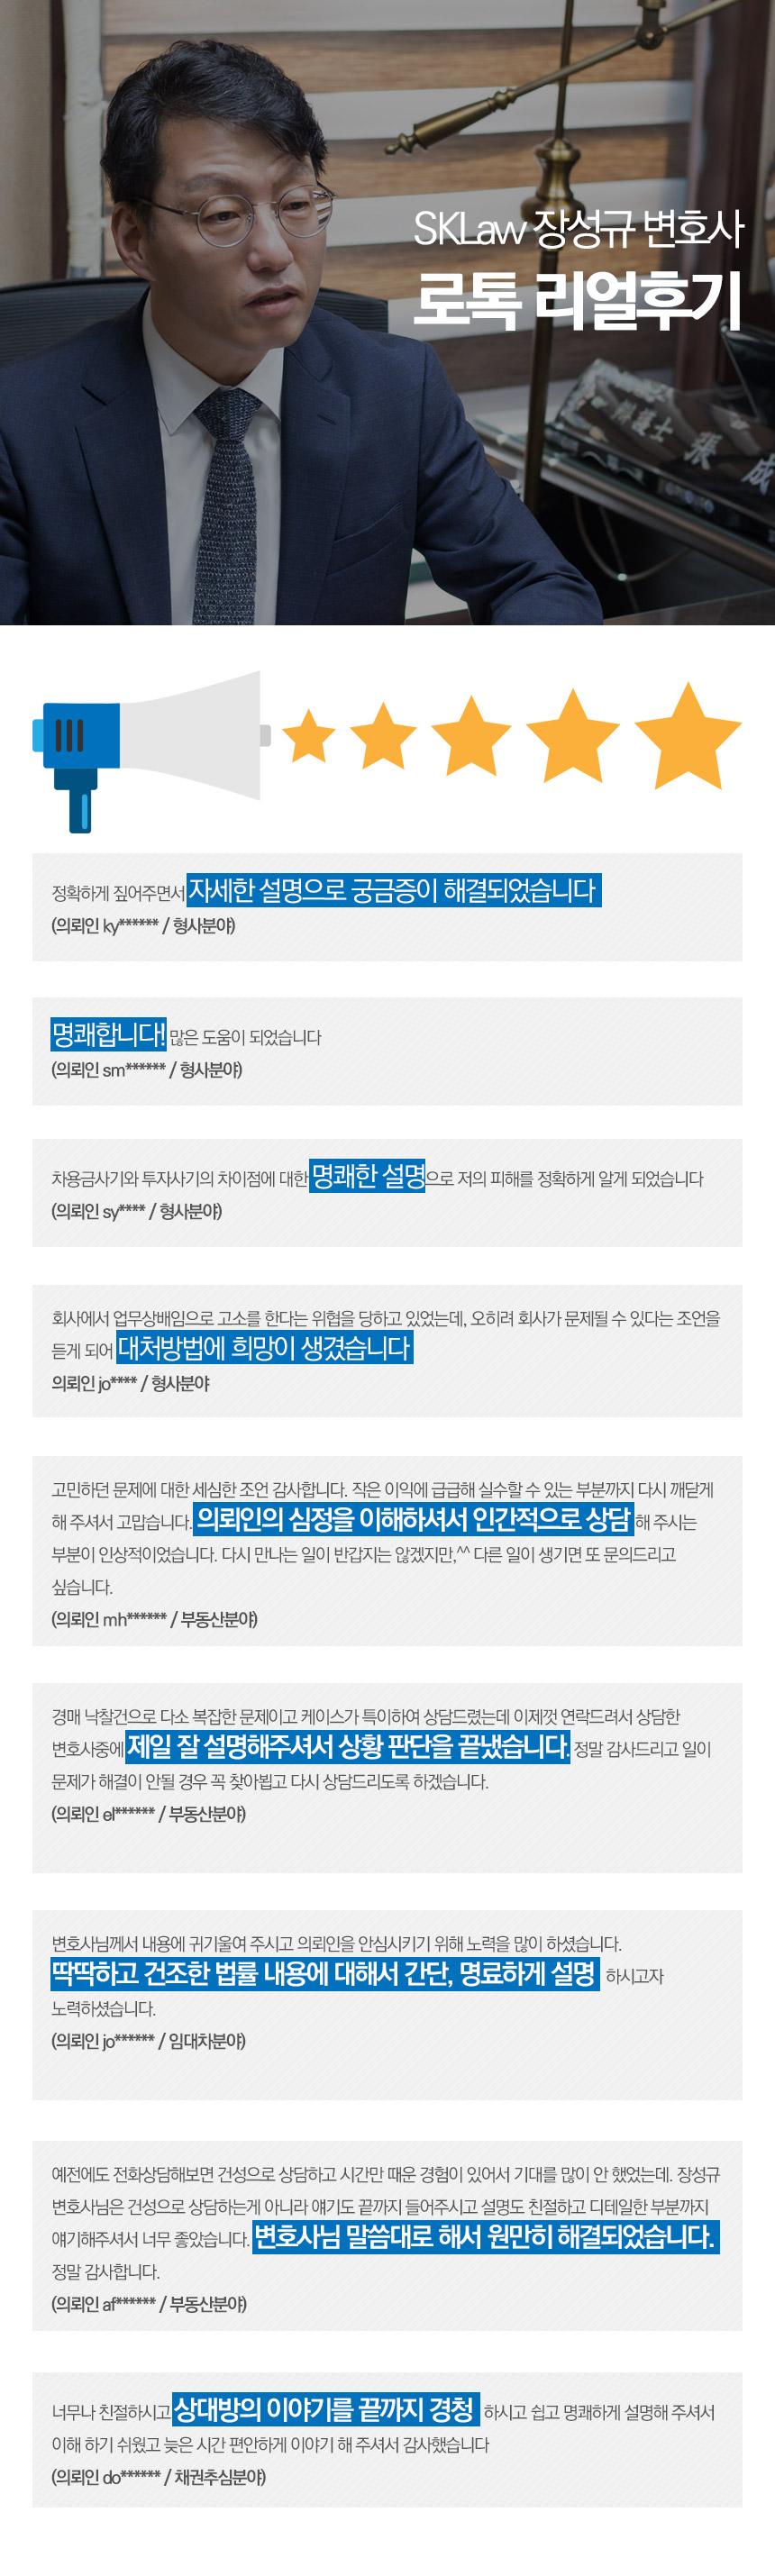 SKLaw 장성규 변호사 로톡 리얼후기